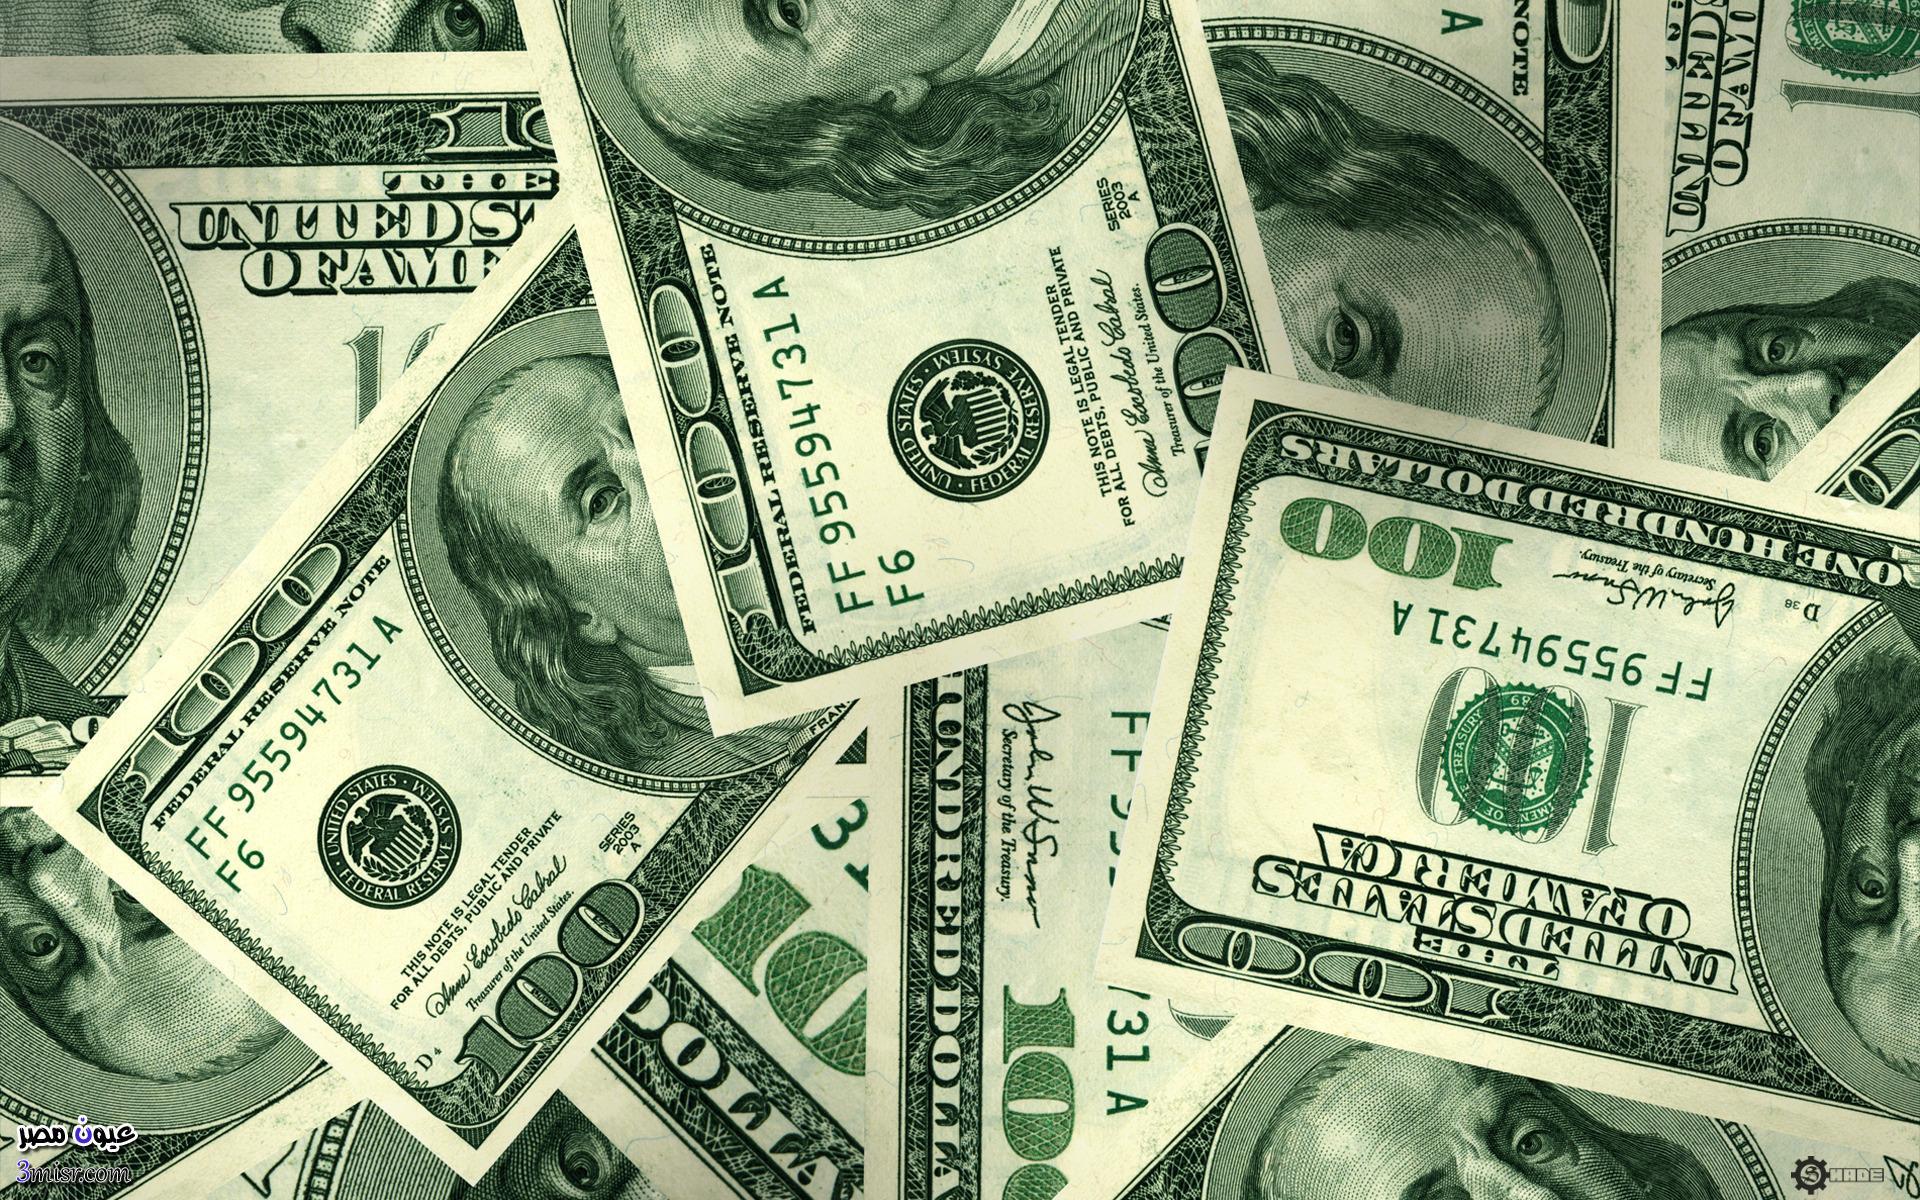 سعر الدولار اليوم في البنوك والسوق السوداء أسعار العملات الان 23 2